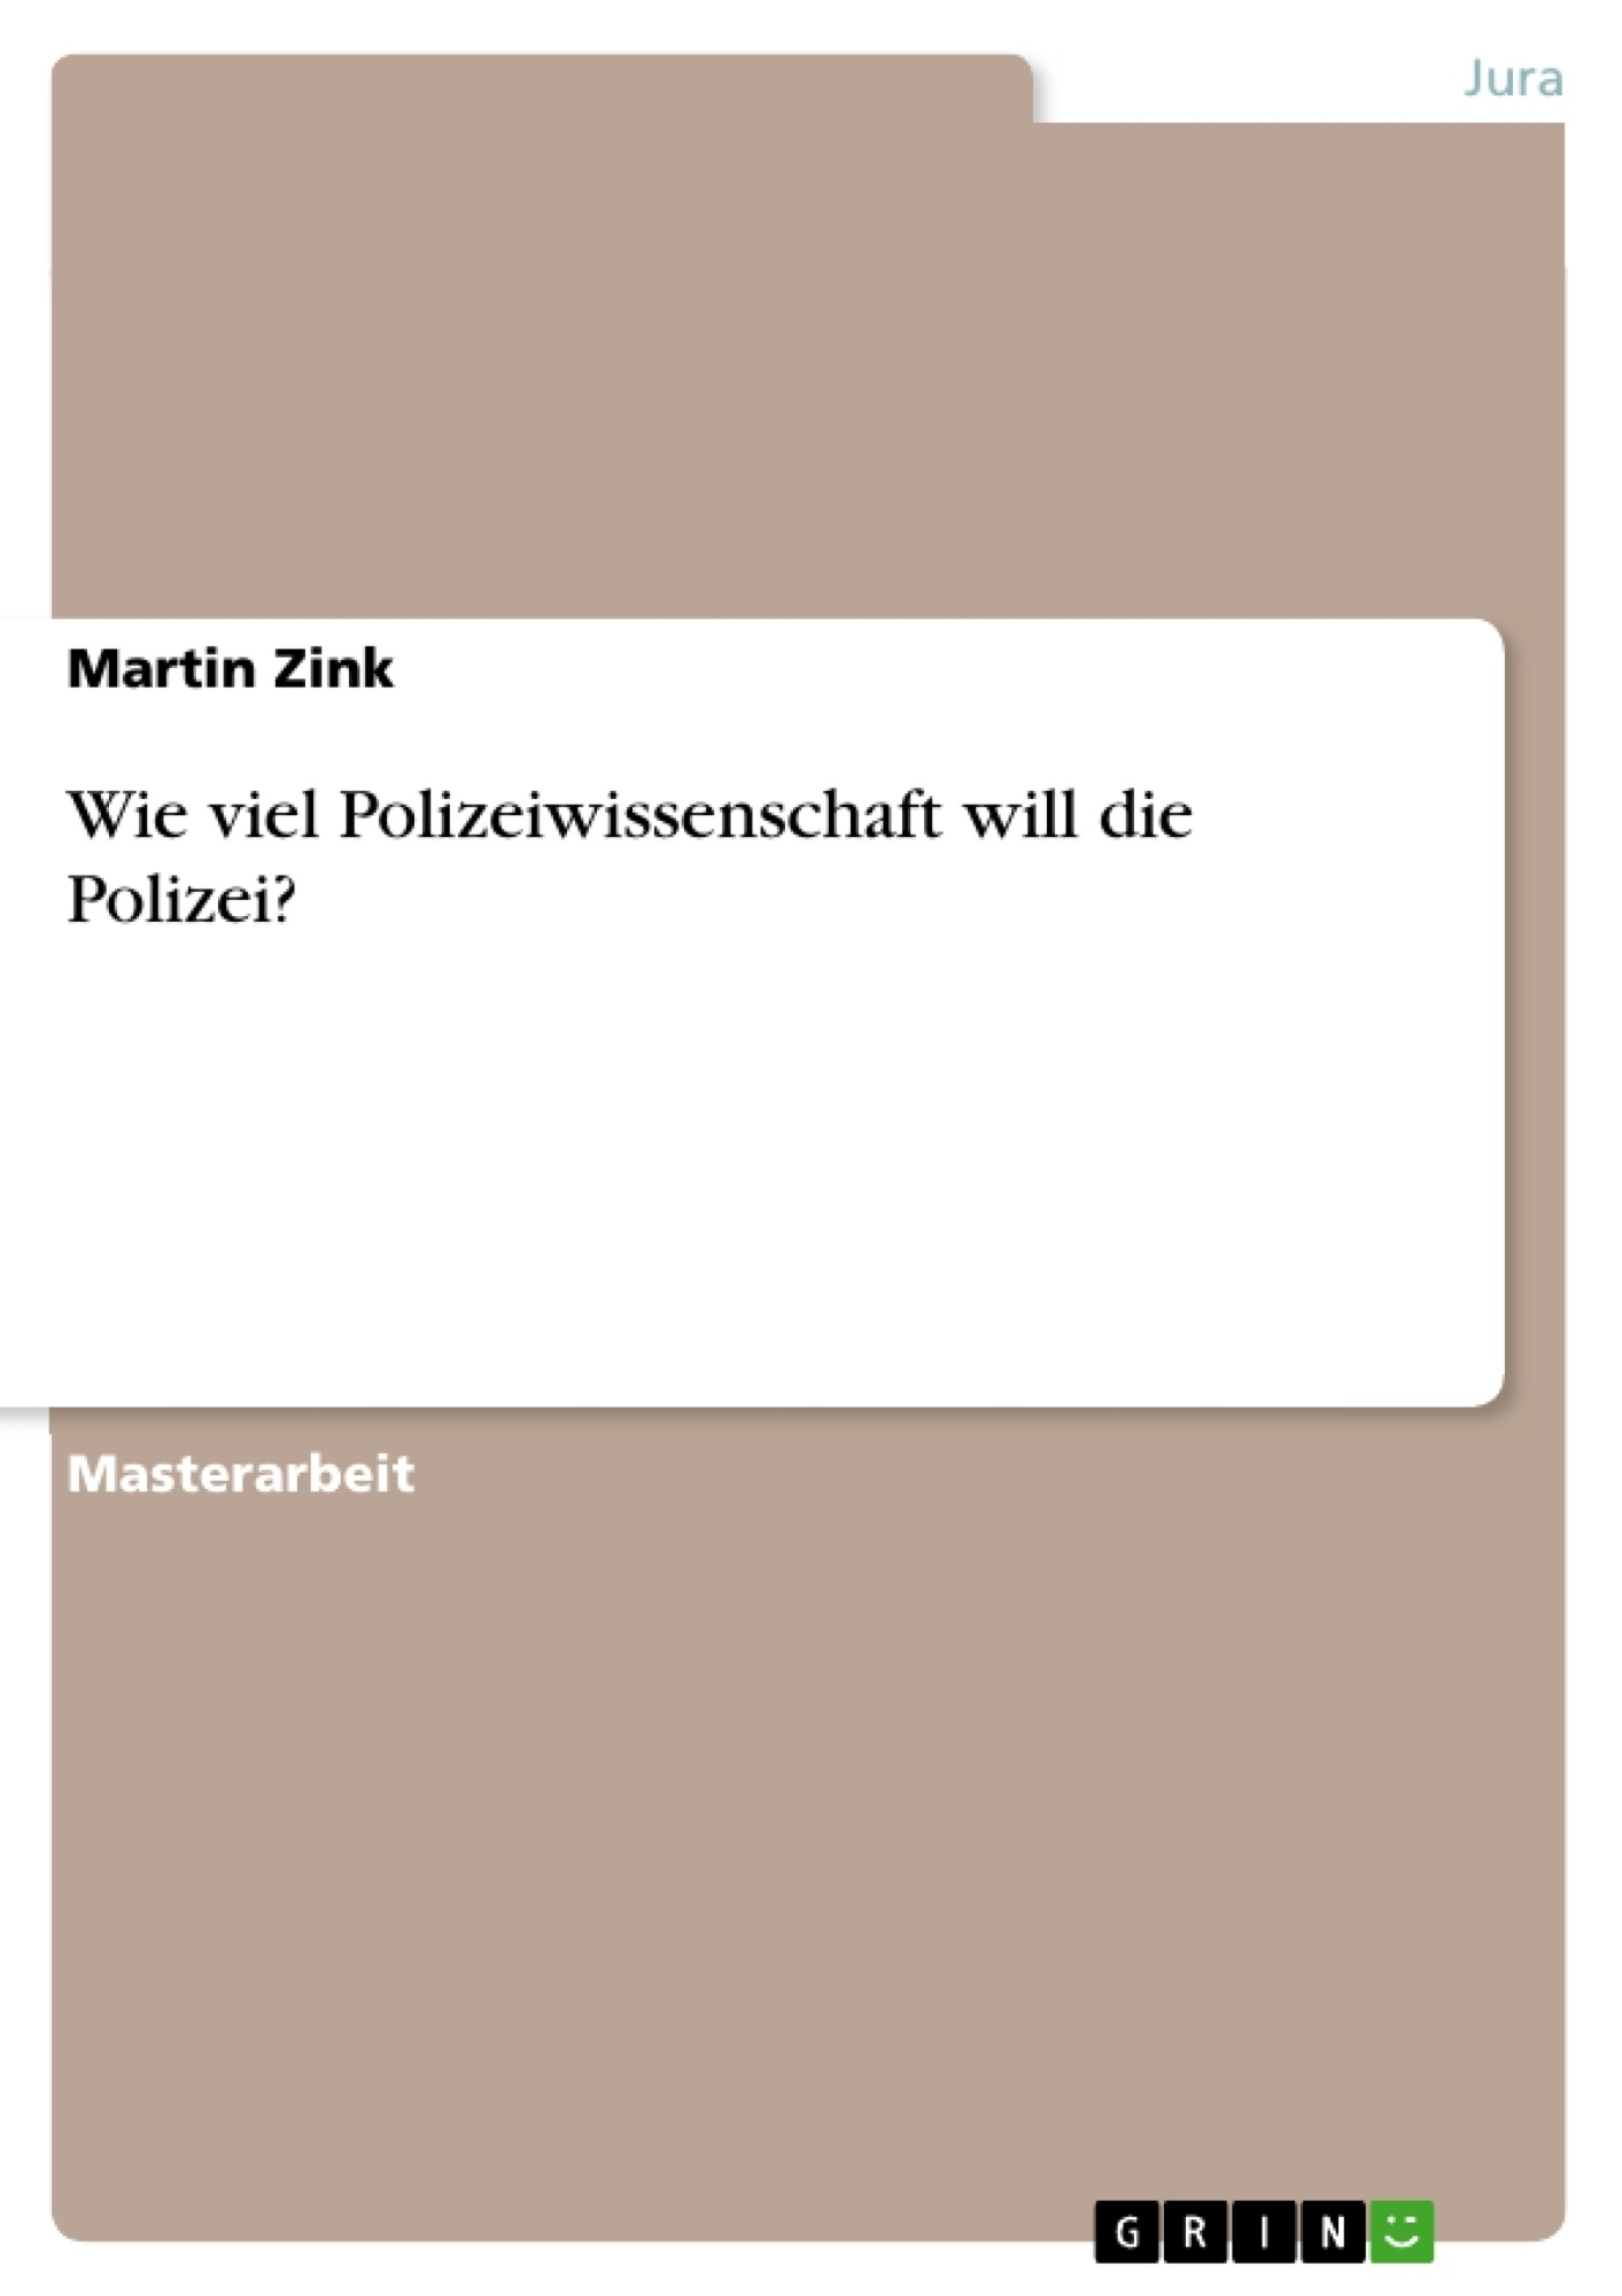 Titel: Wie viel Polizeiwissenschaft will die Polizei?